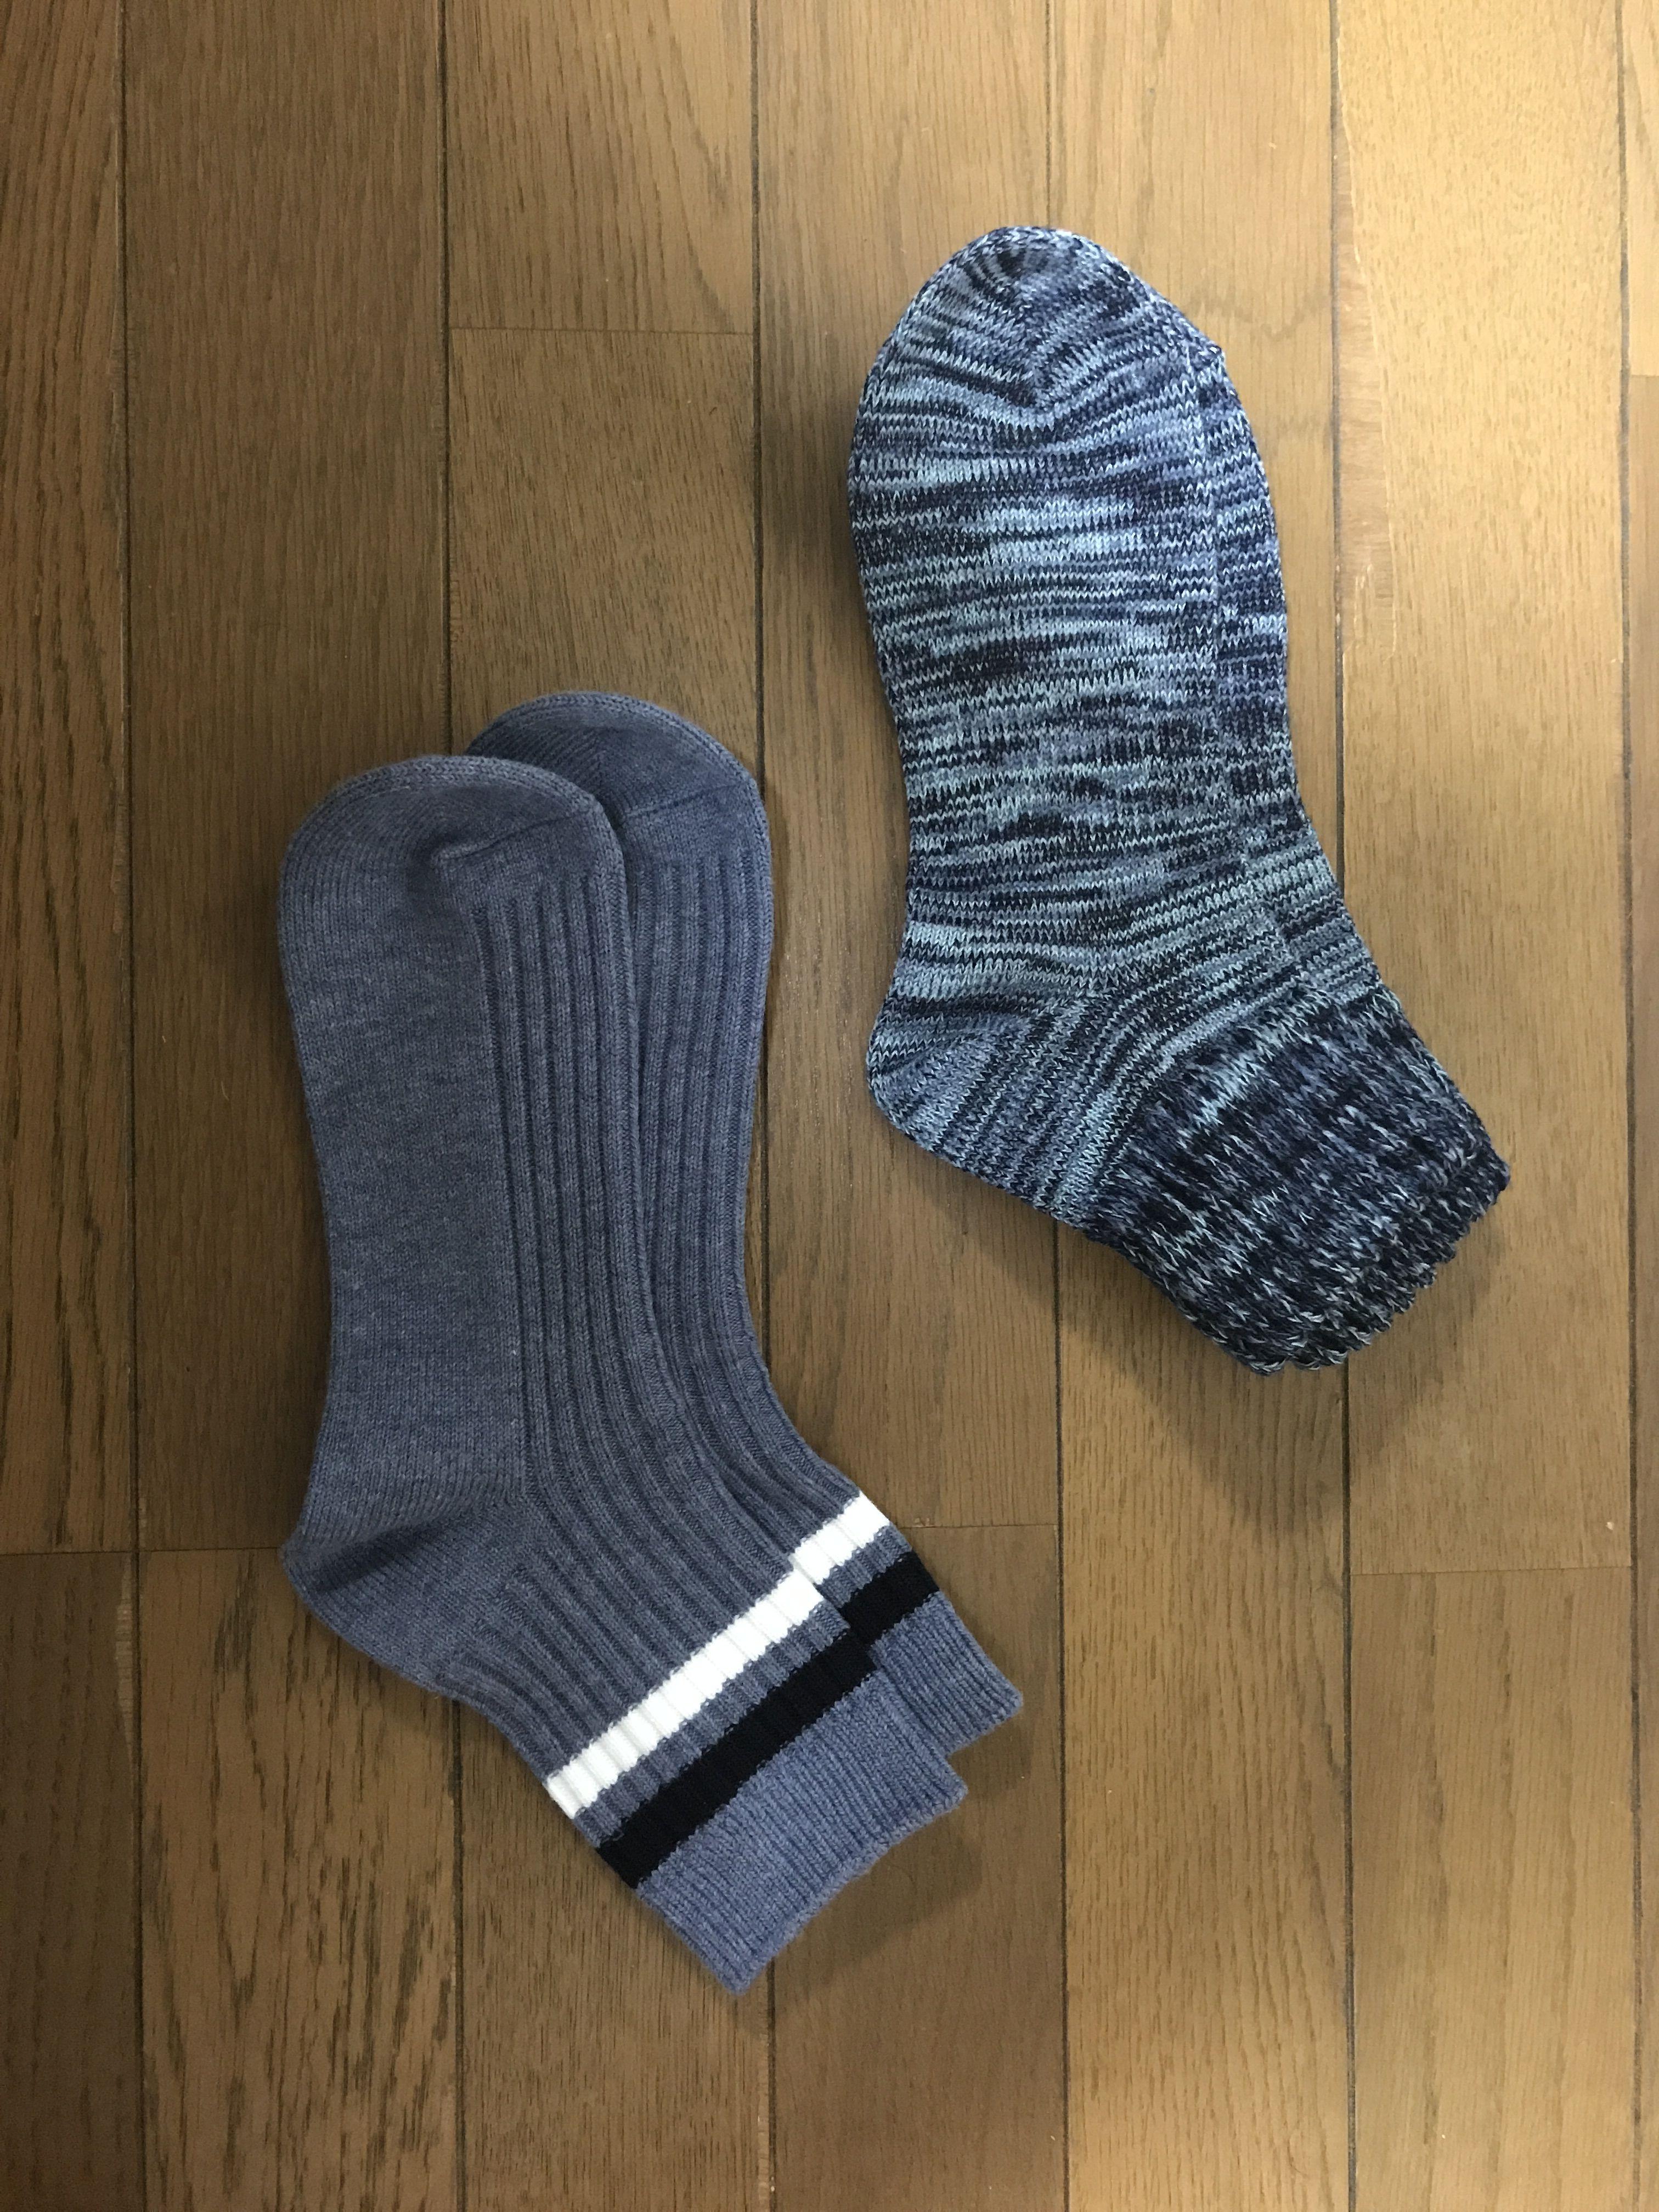 ざっくりリブ足なり直角靴下(婦人・えらべる) チェコのおばあちゃんの手編み靴下をお手本に、直角に編み立てました。足に心地よくフィットします。